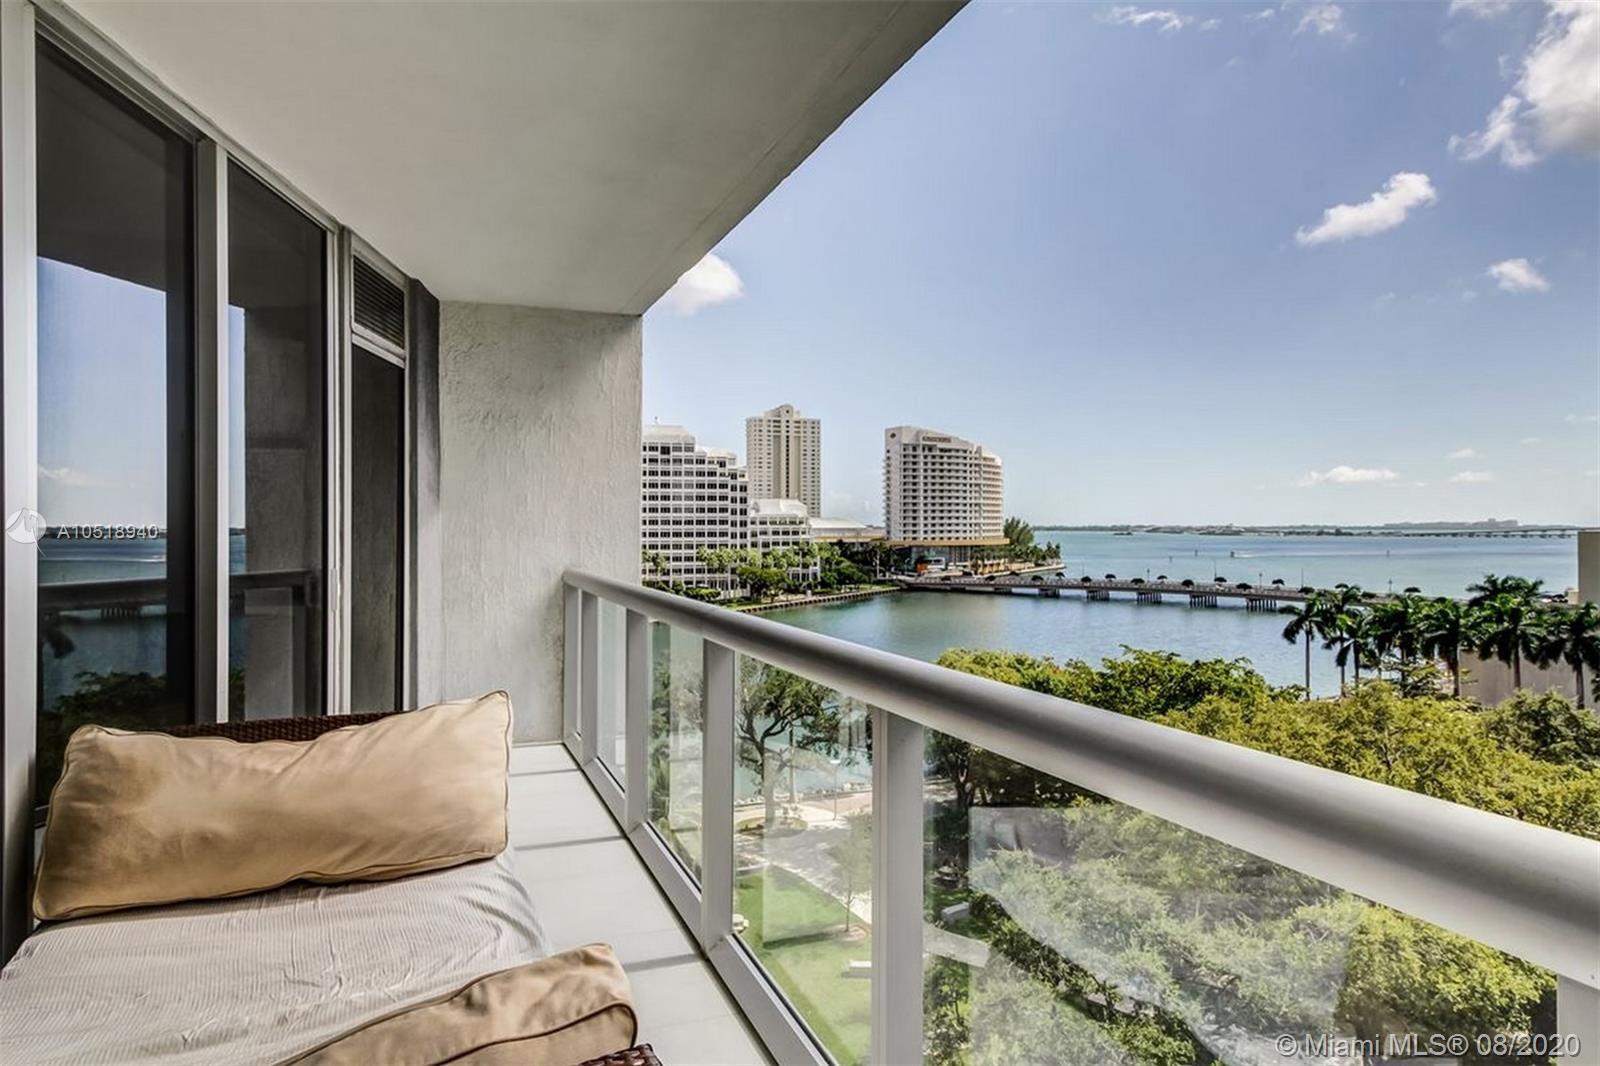 495 Brickell Ave, Miami, FL 33131, Icon Brickell II #809, Brickell, Miami A10518940 image #1